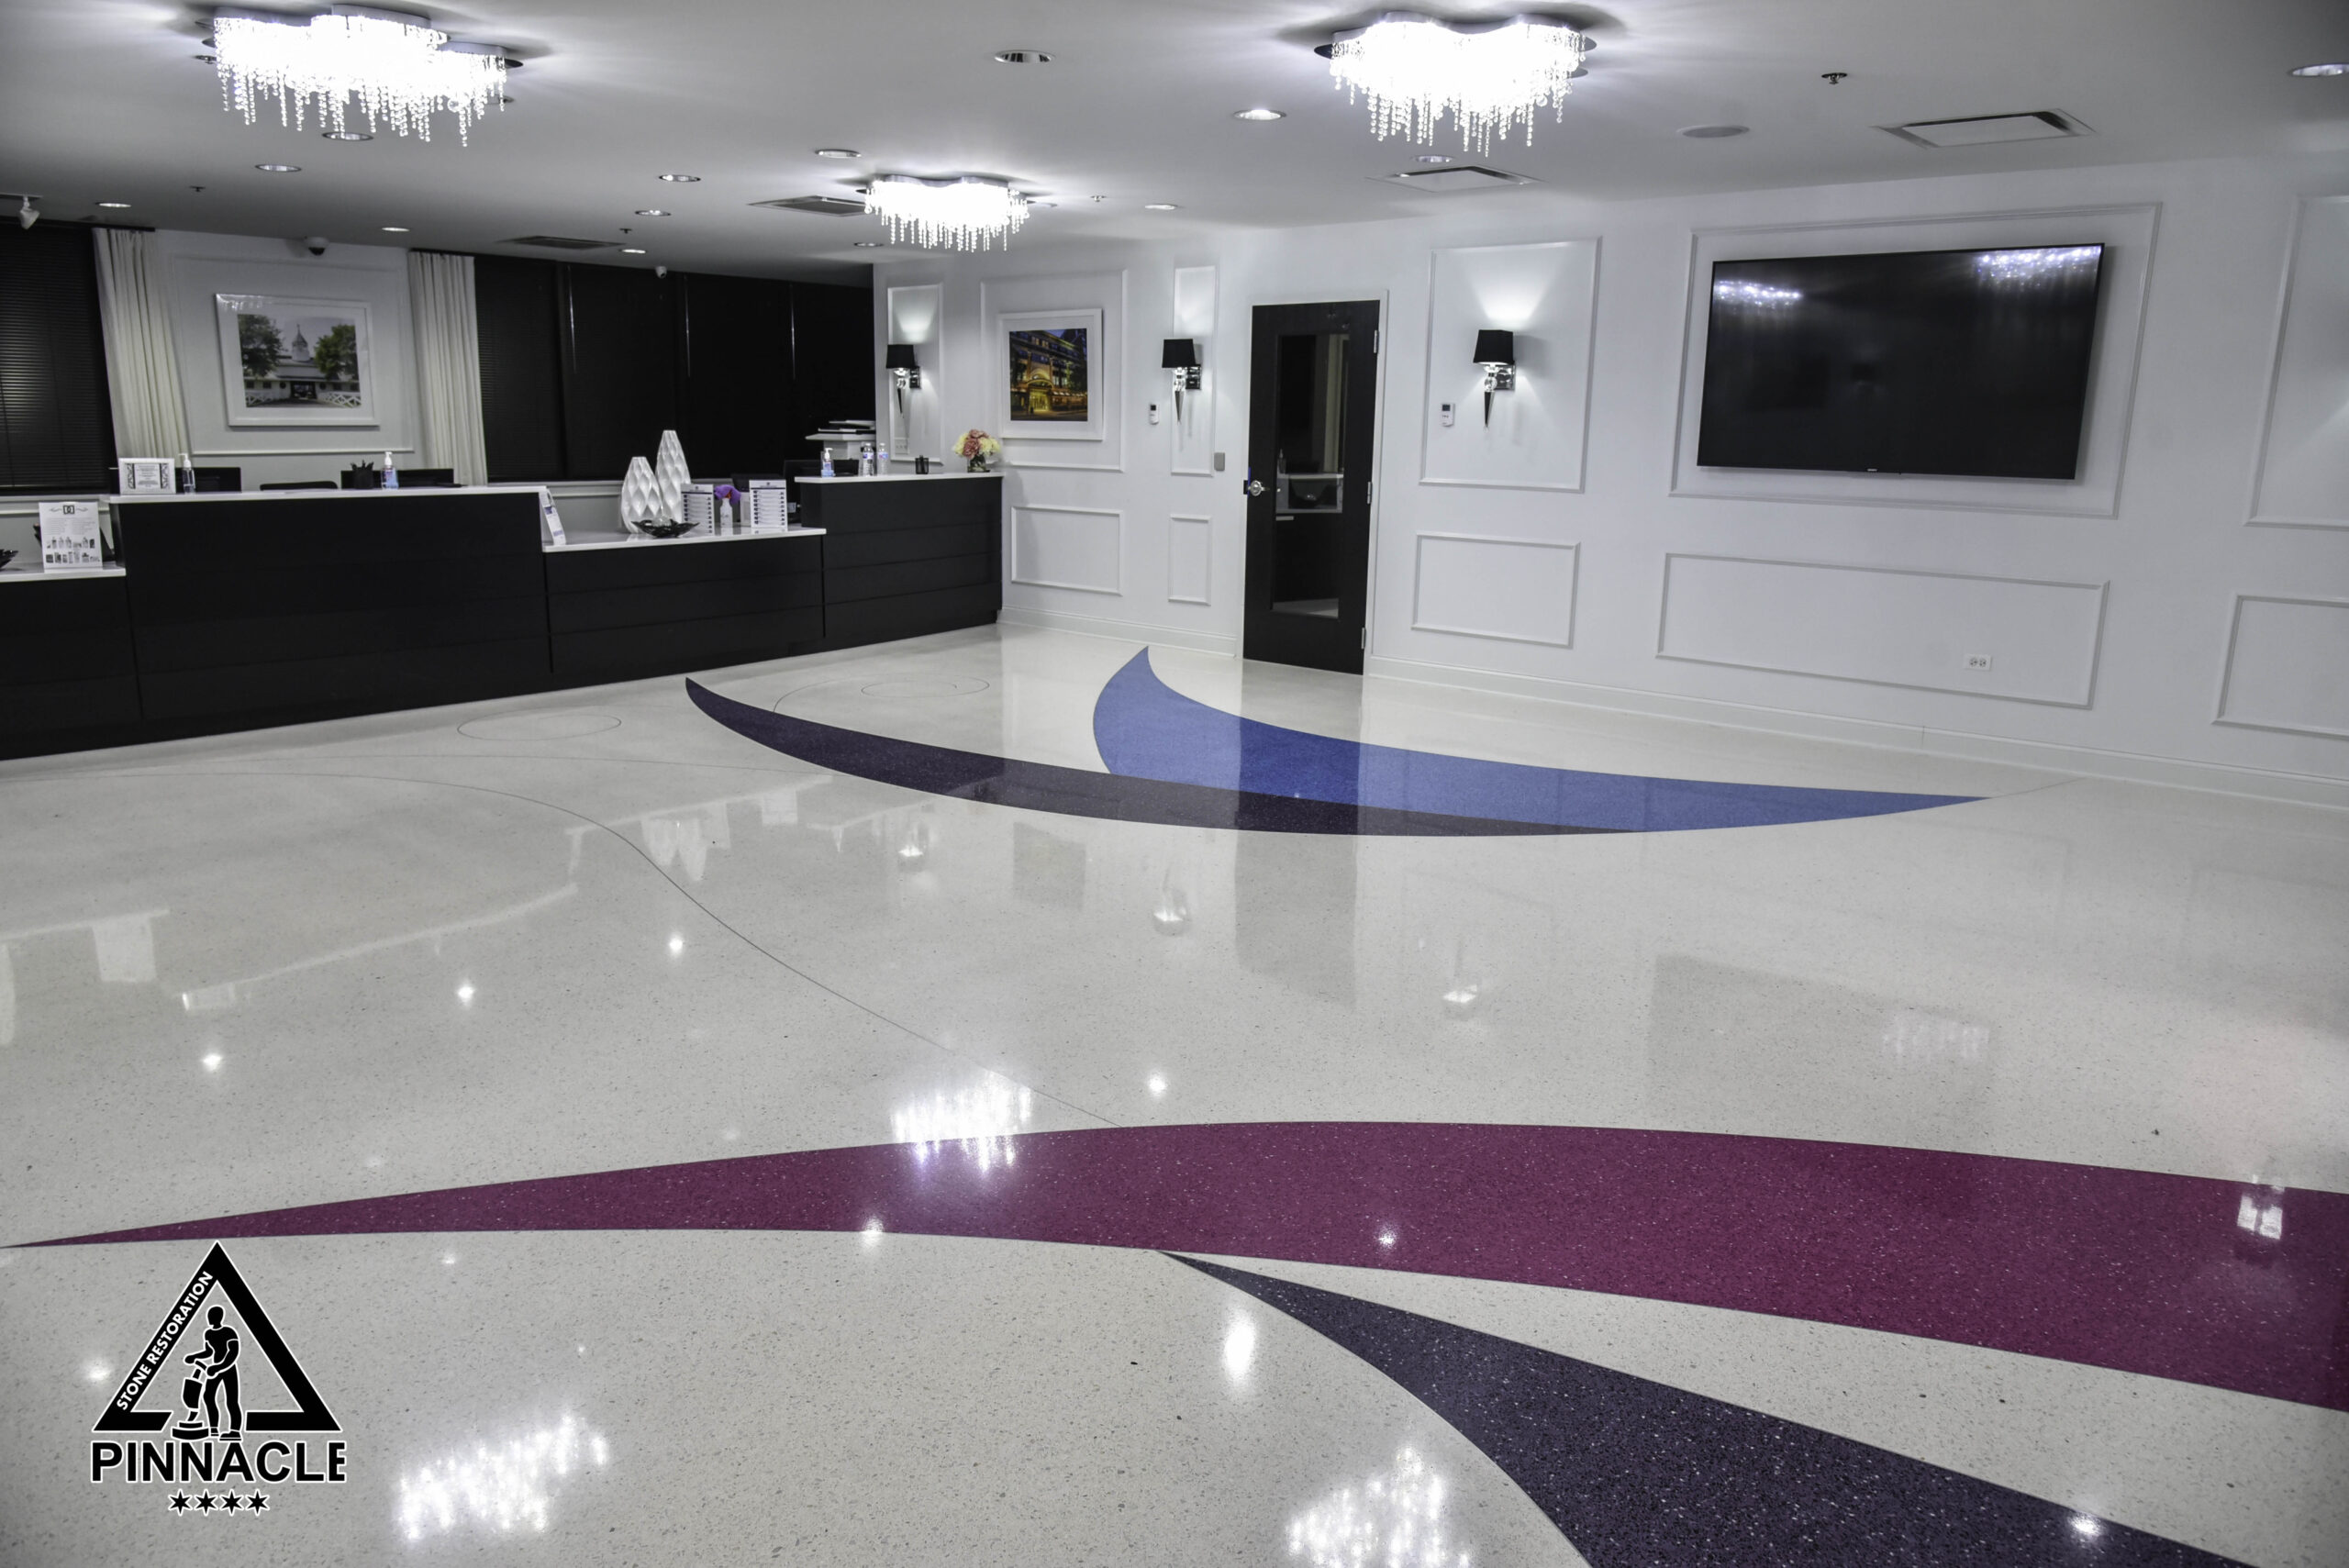 TERRAZZO FLOOR RESTORATION – Terrazzo floor stripping, honing, polishing, sealing, buffing